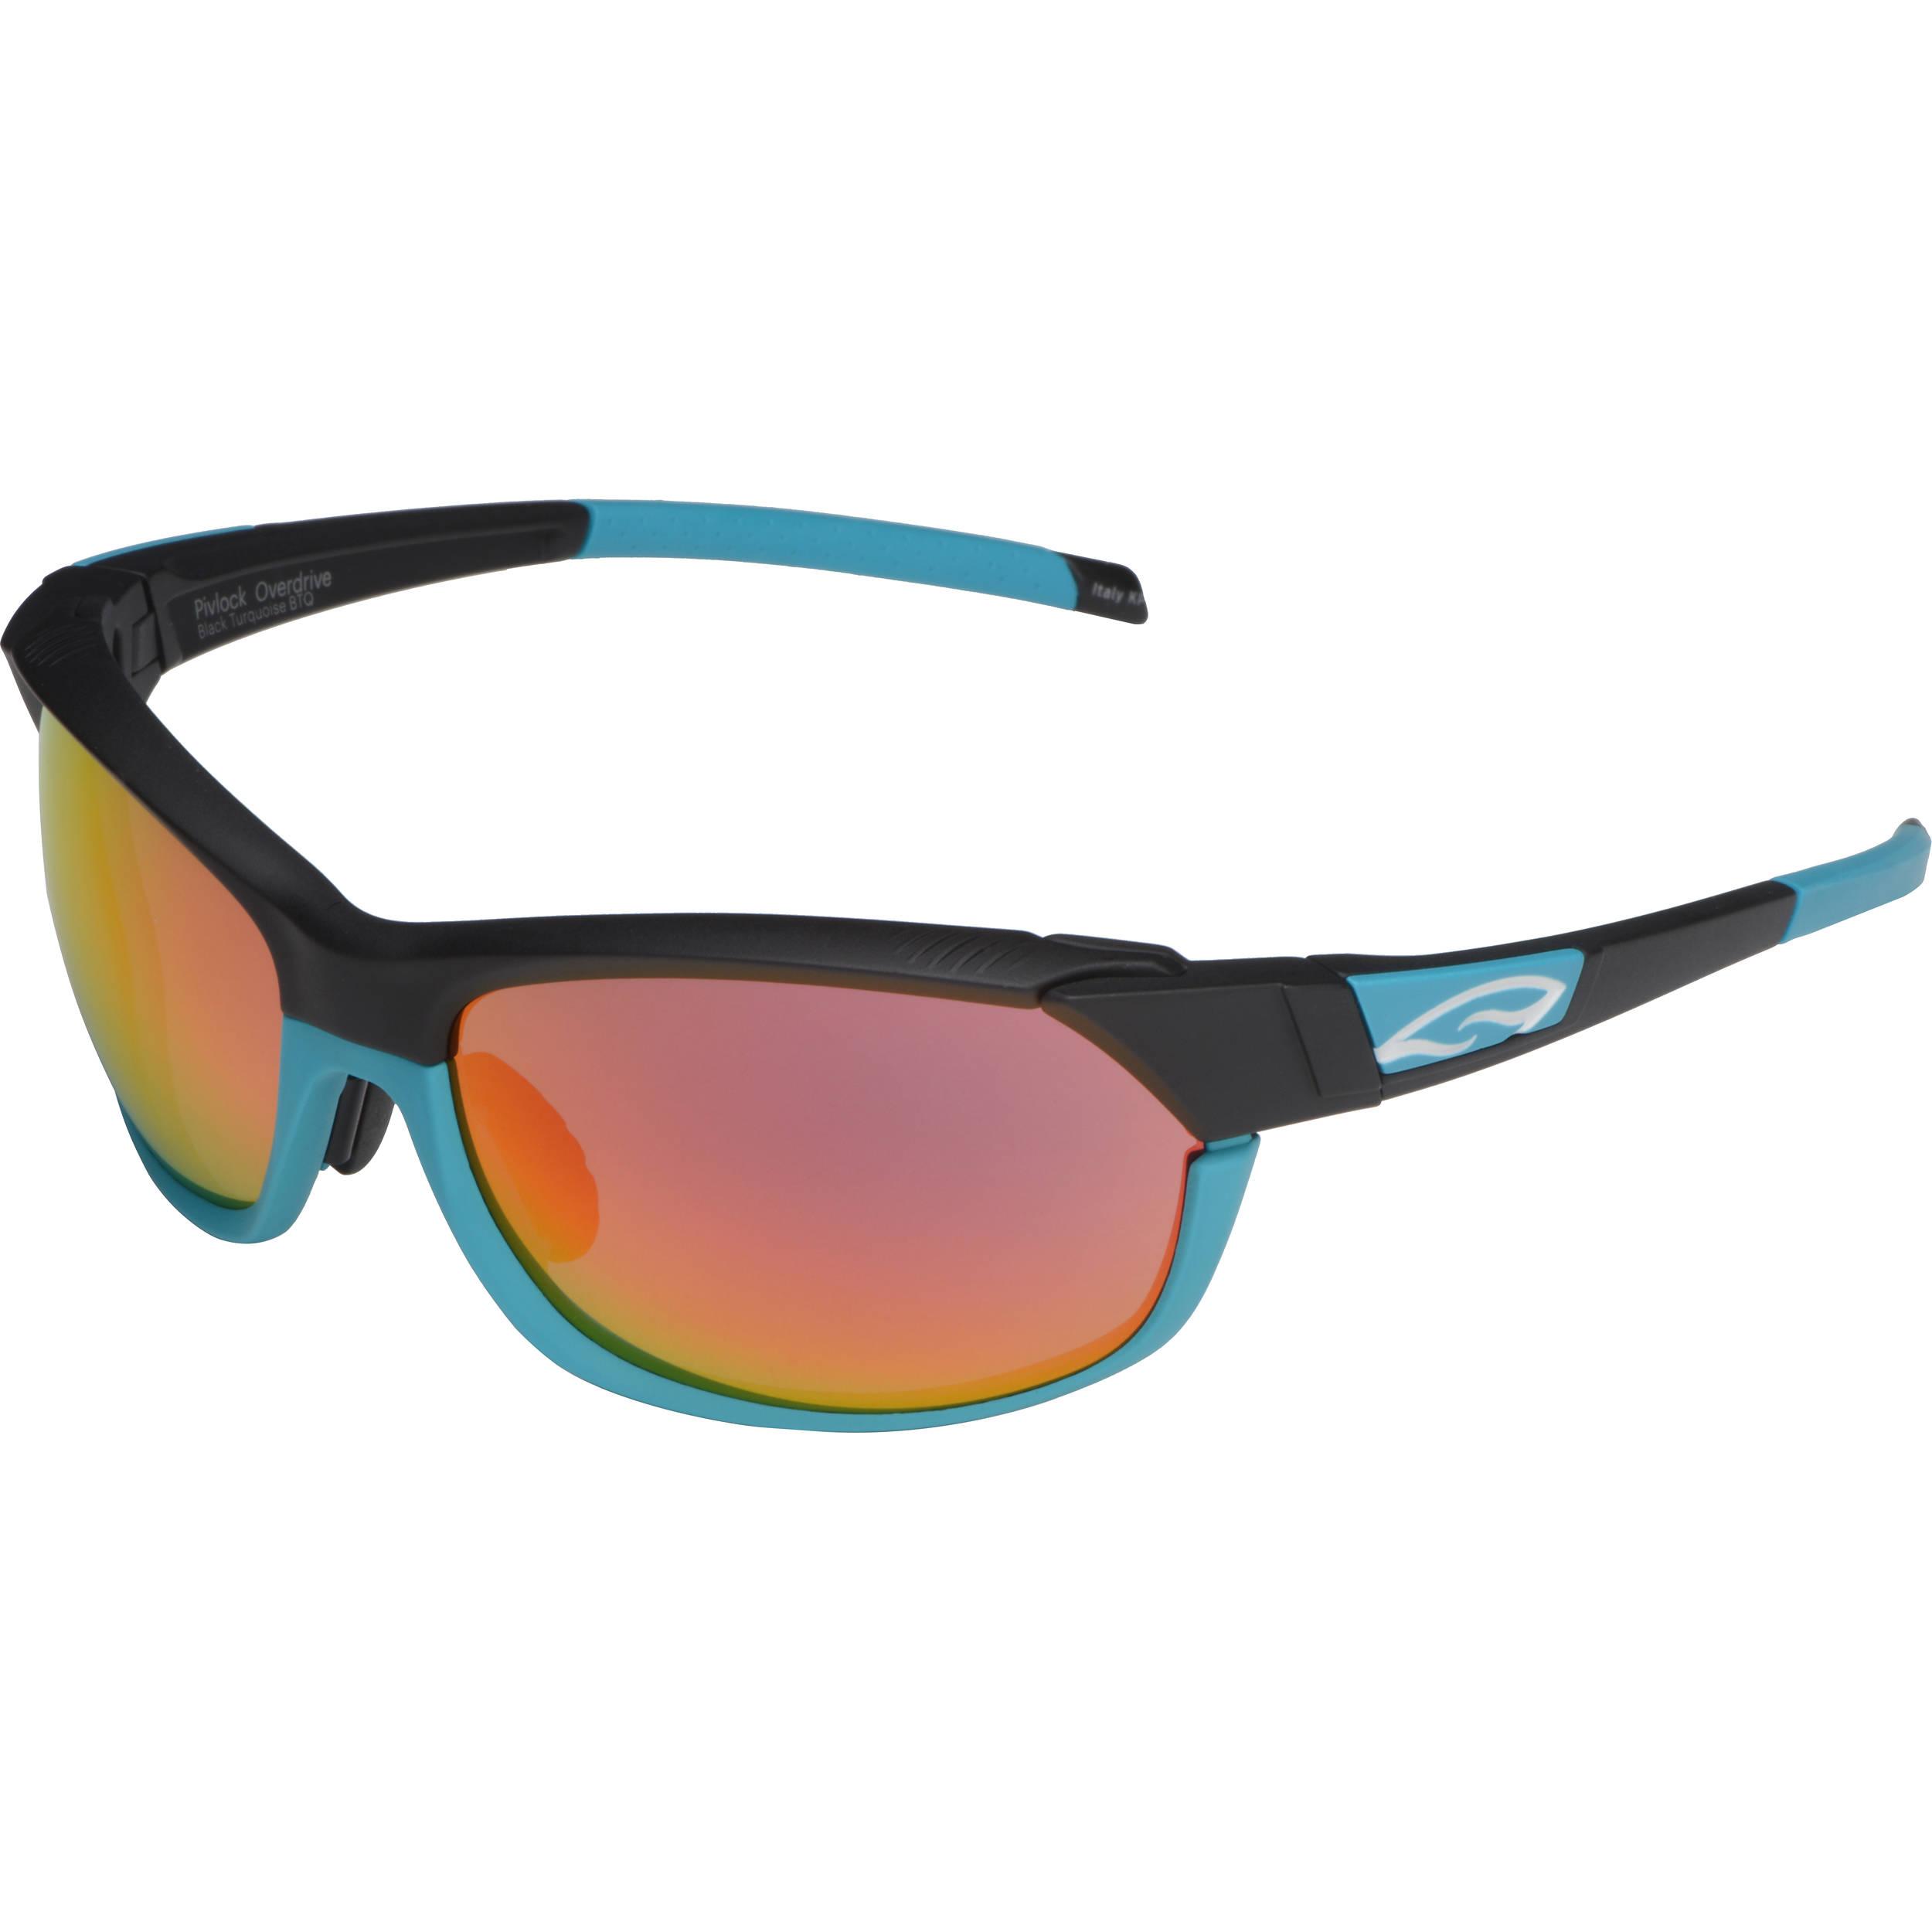 smith optics sunglasses lens guide